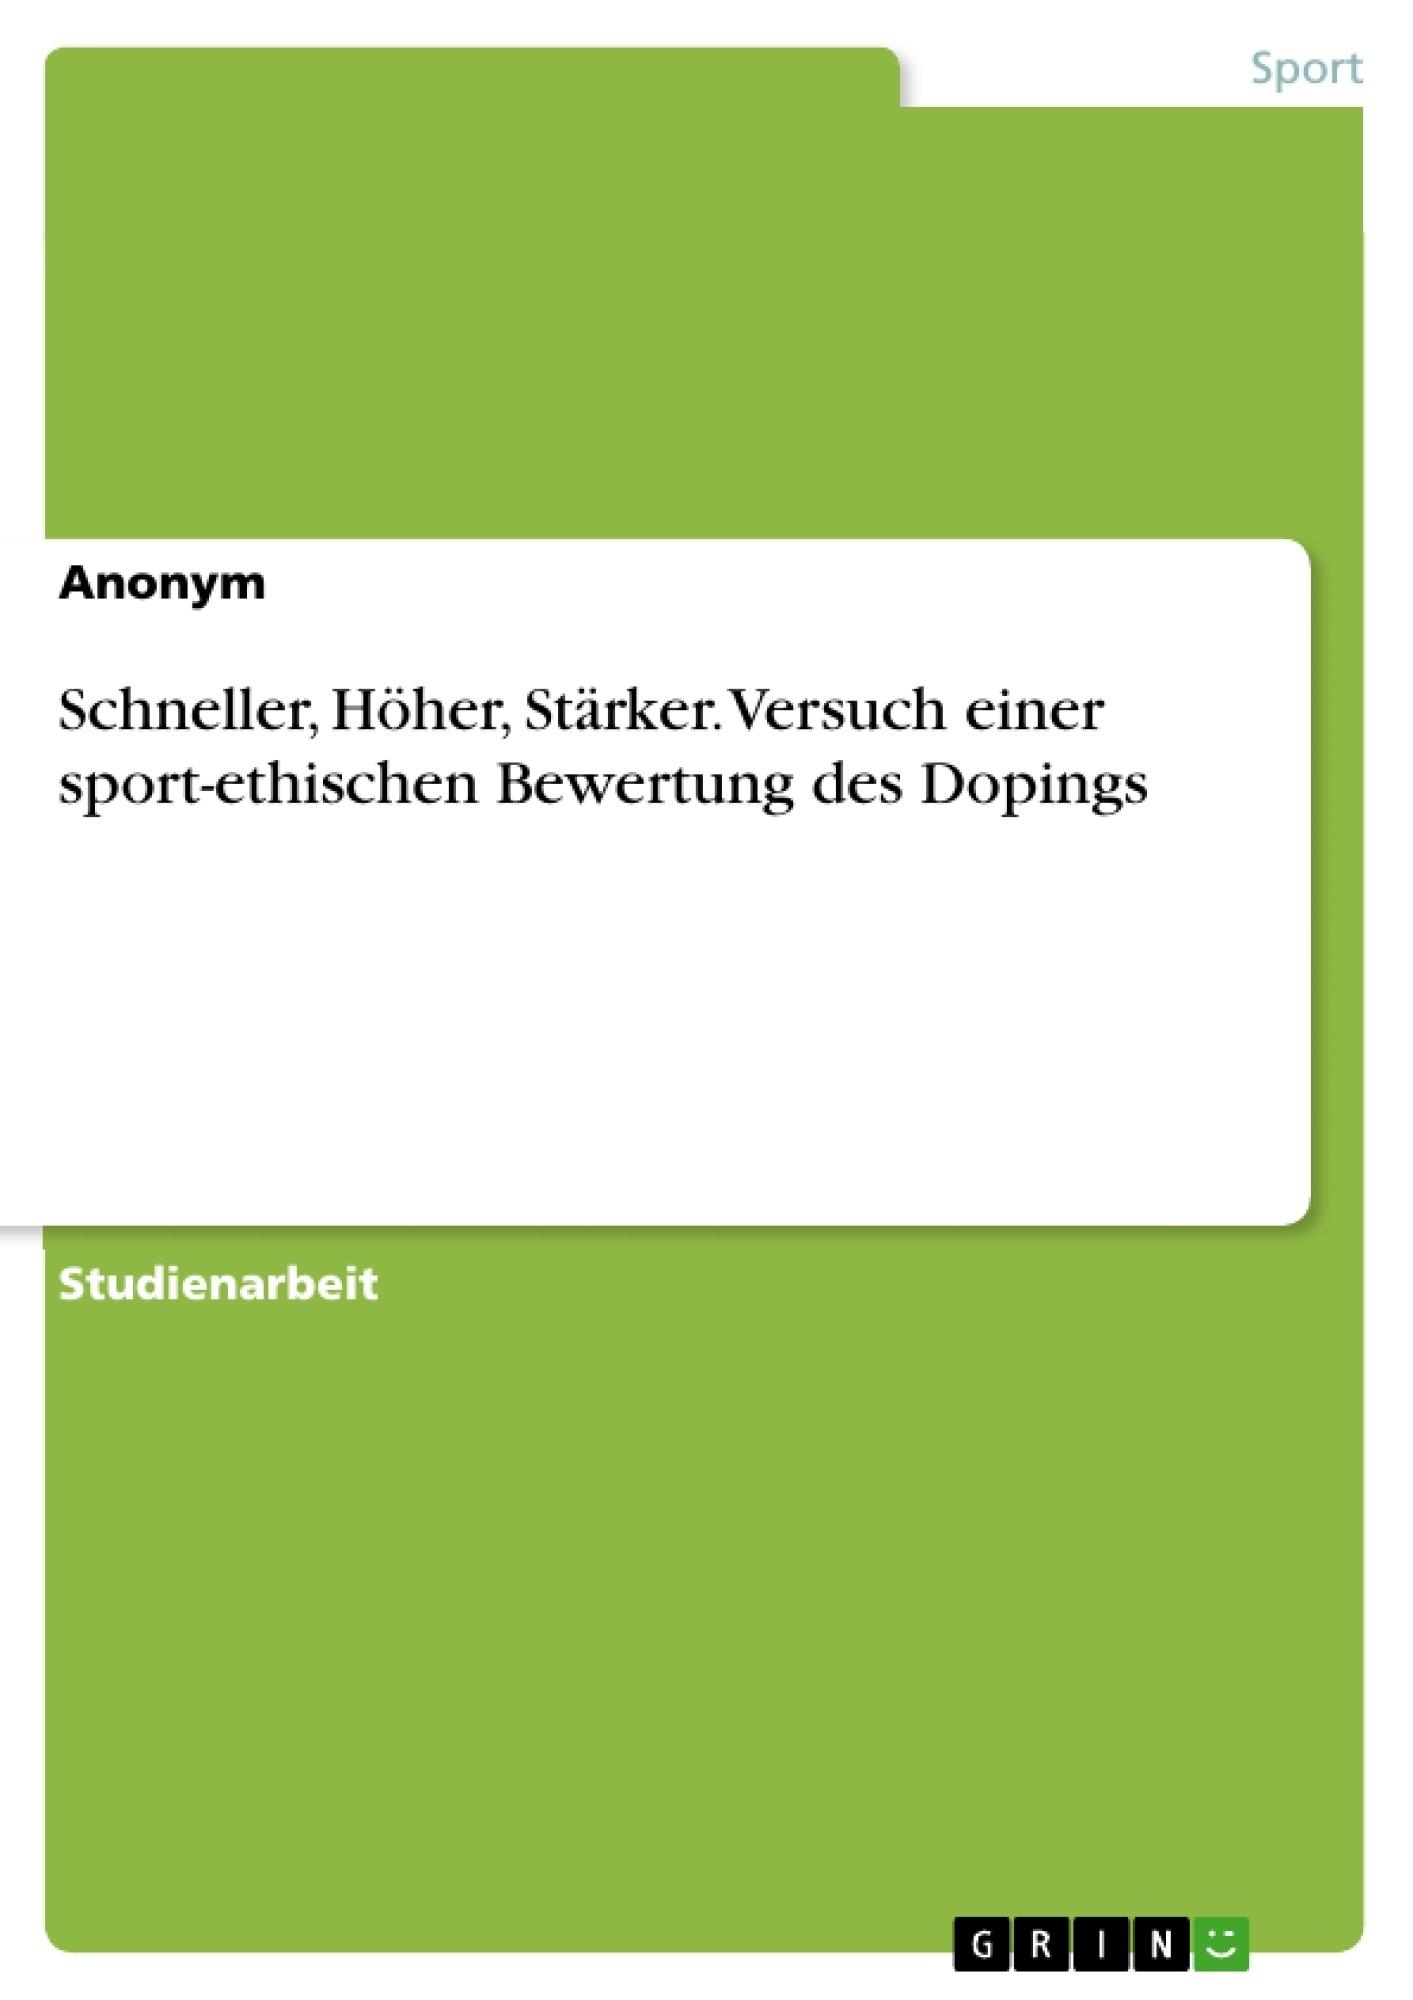 Titel: Schneller, Höher, Stärker. Versuch einer sport-ethischen Bewertung des Dopings